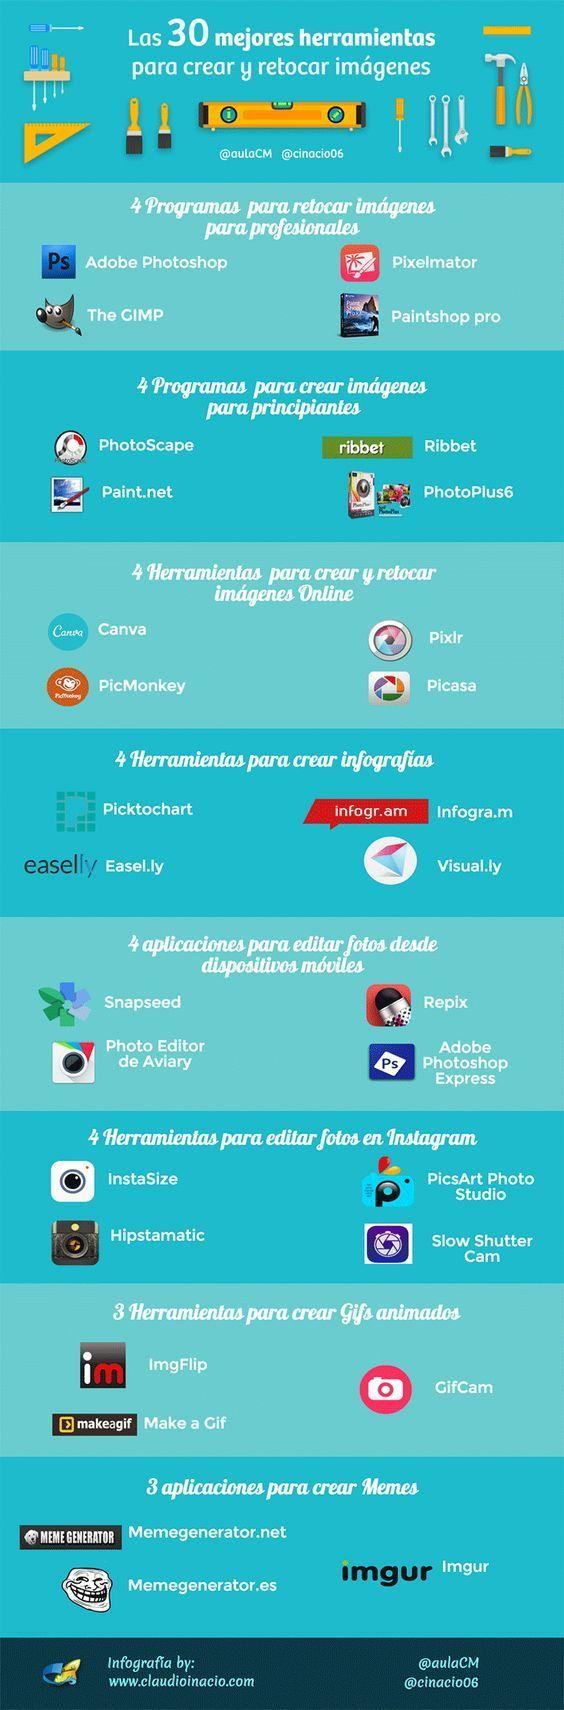 30 herramientas para crear y retocar imágenes #infografia #infographic #design: